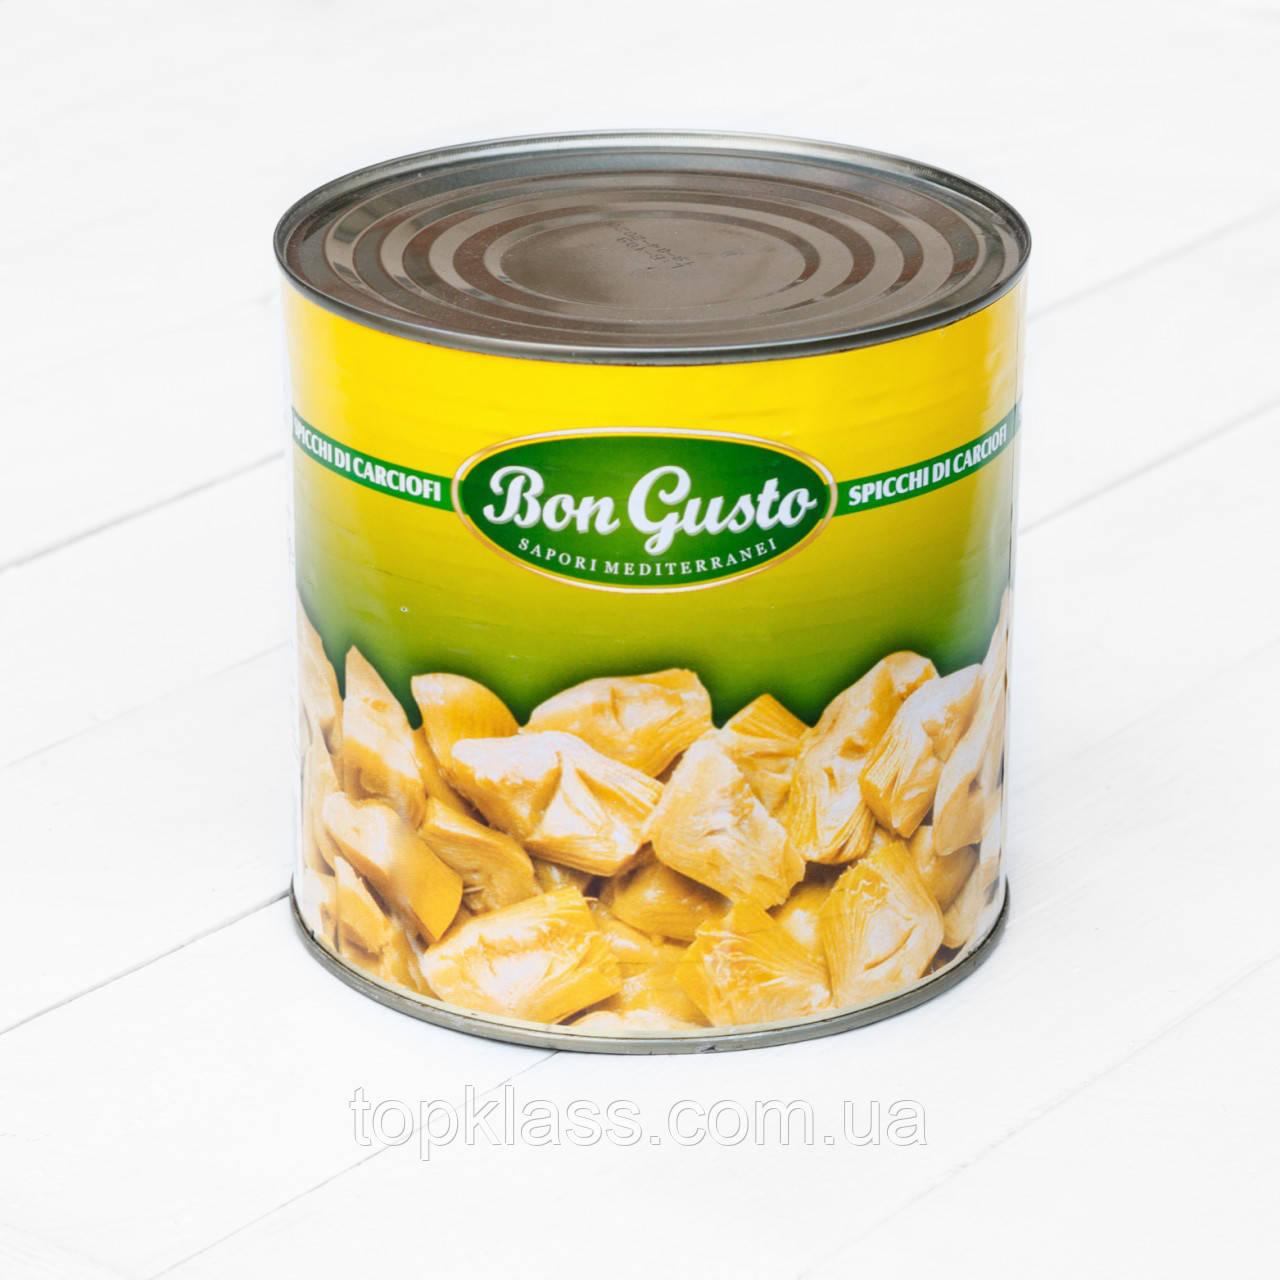 Артишоки четвертинки консервовані Bon Gusto, Італія. Ж/б 2550г/1350г